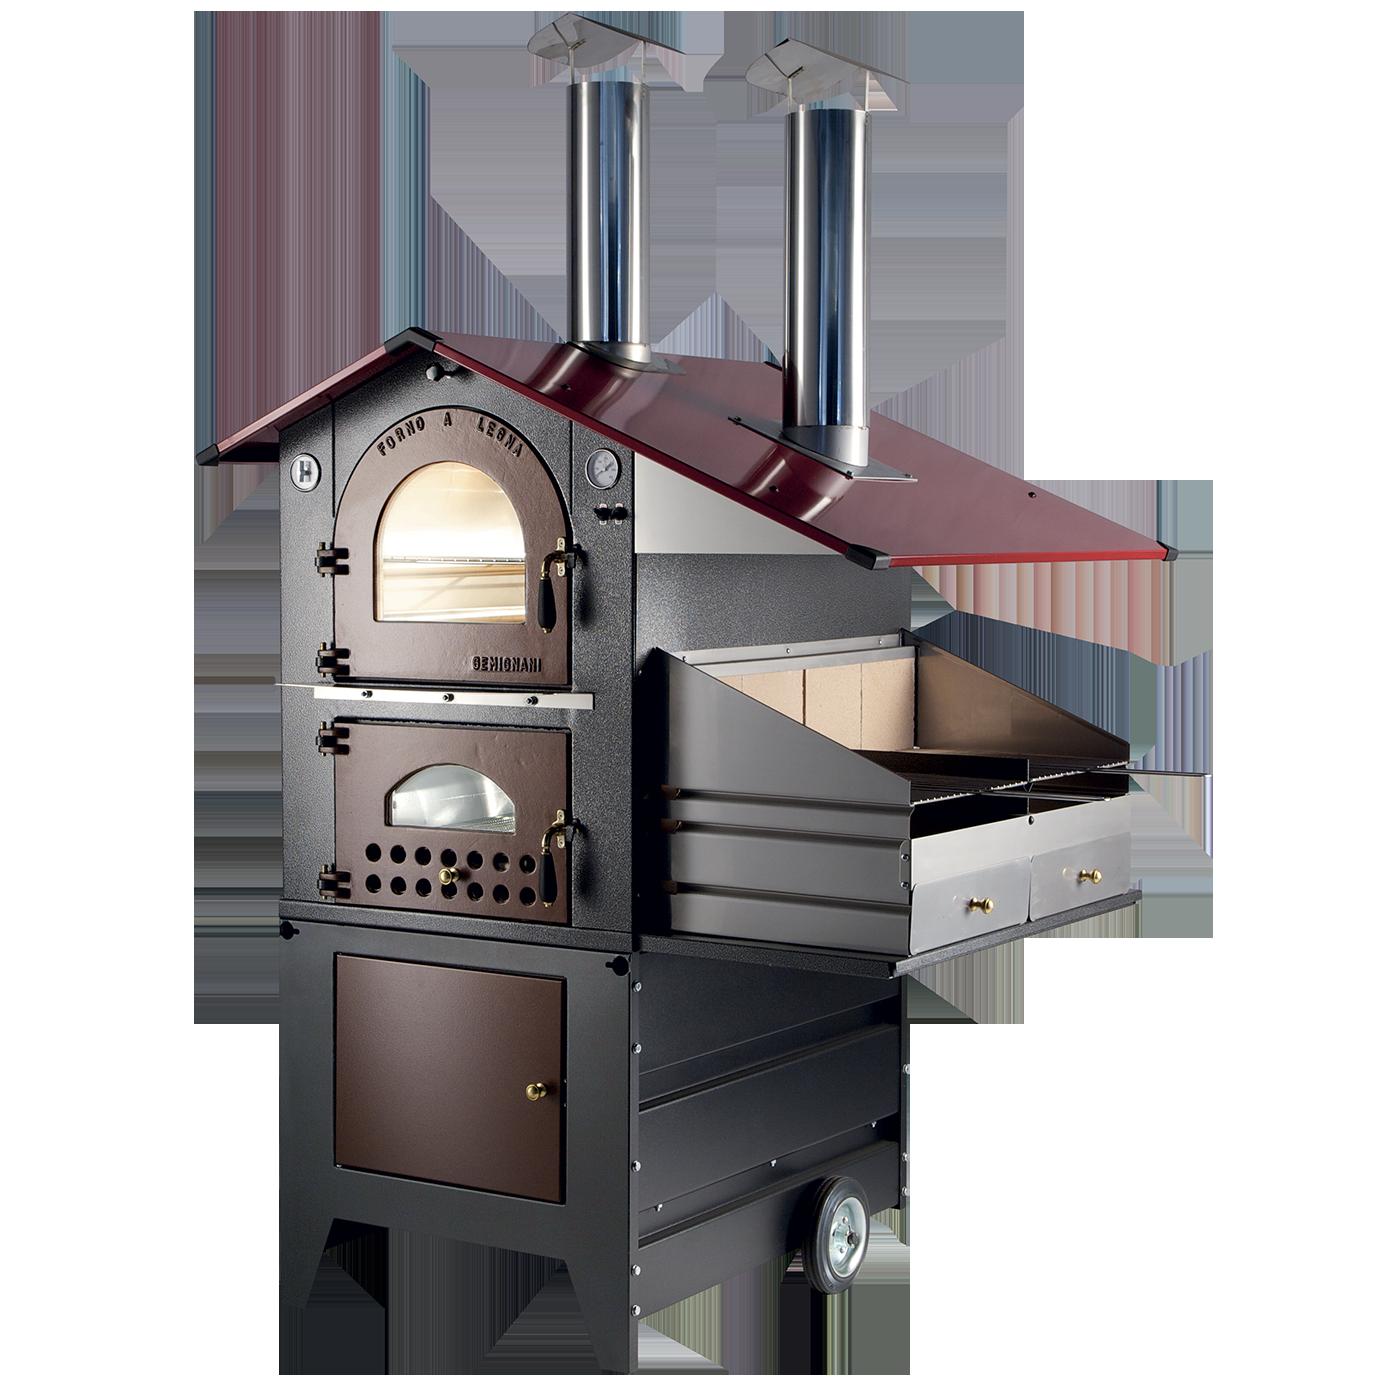 Forni a legna gemignani macchine enologiche macchina - Barbecue da esterno ...